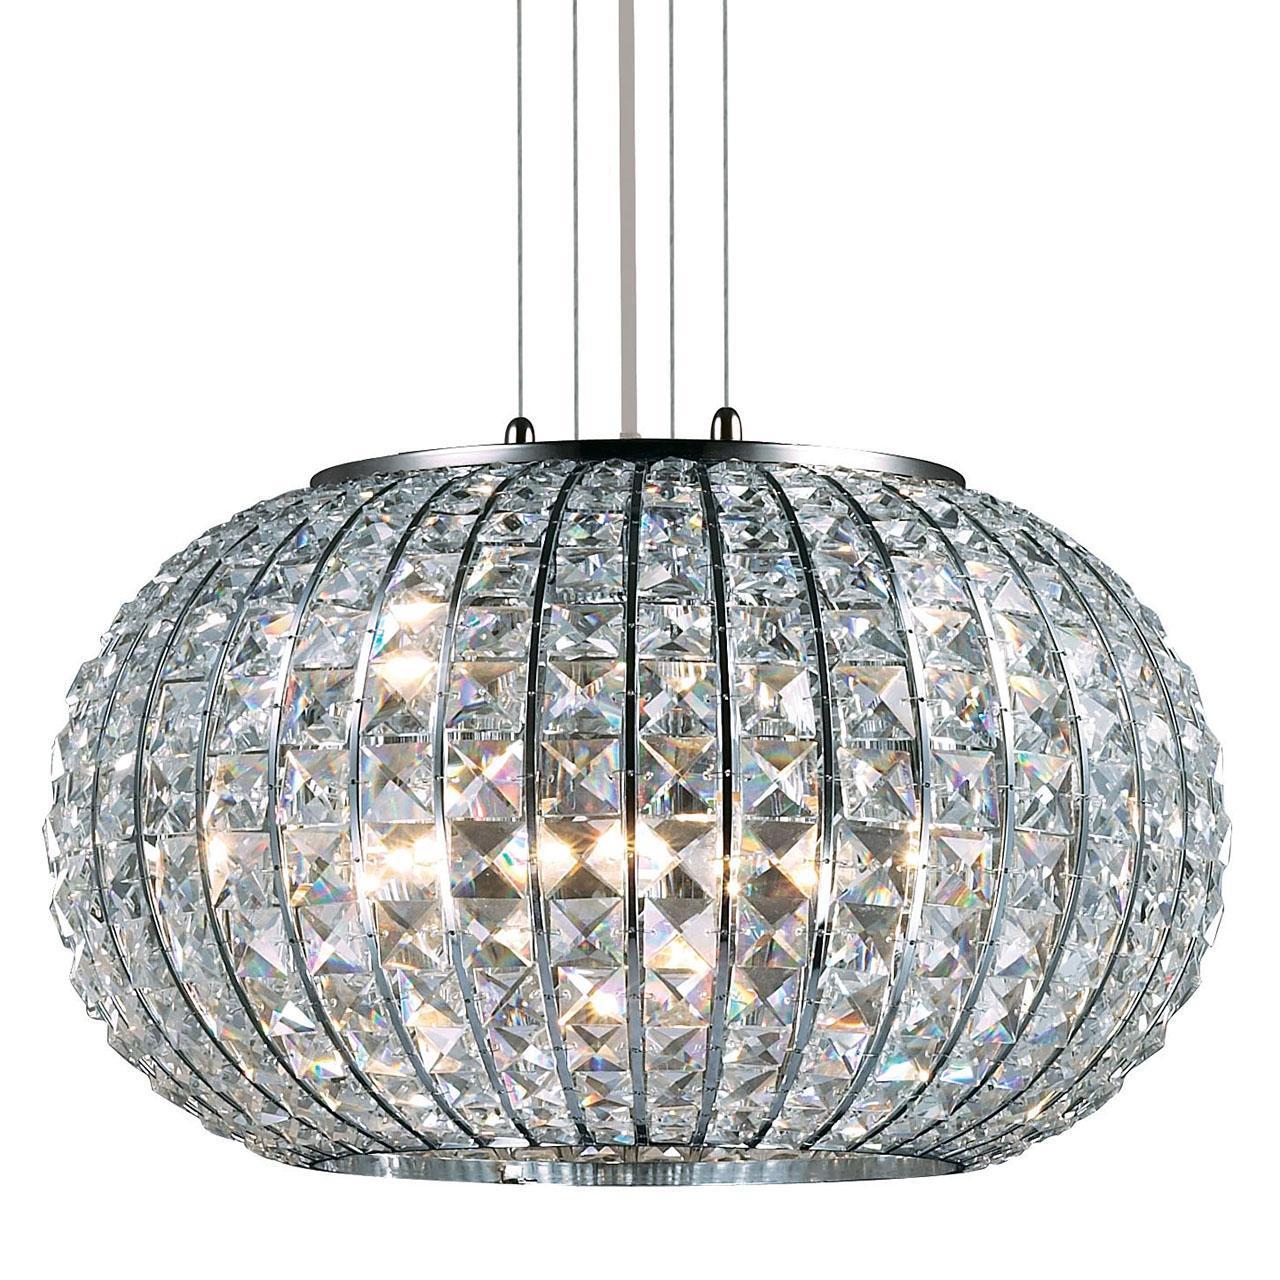 Подвесной светильник Ideal Lux Calypso SP5 подвесной светильник ideal lux bar sp5